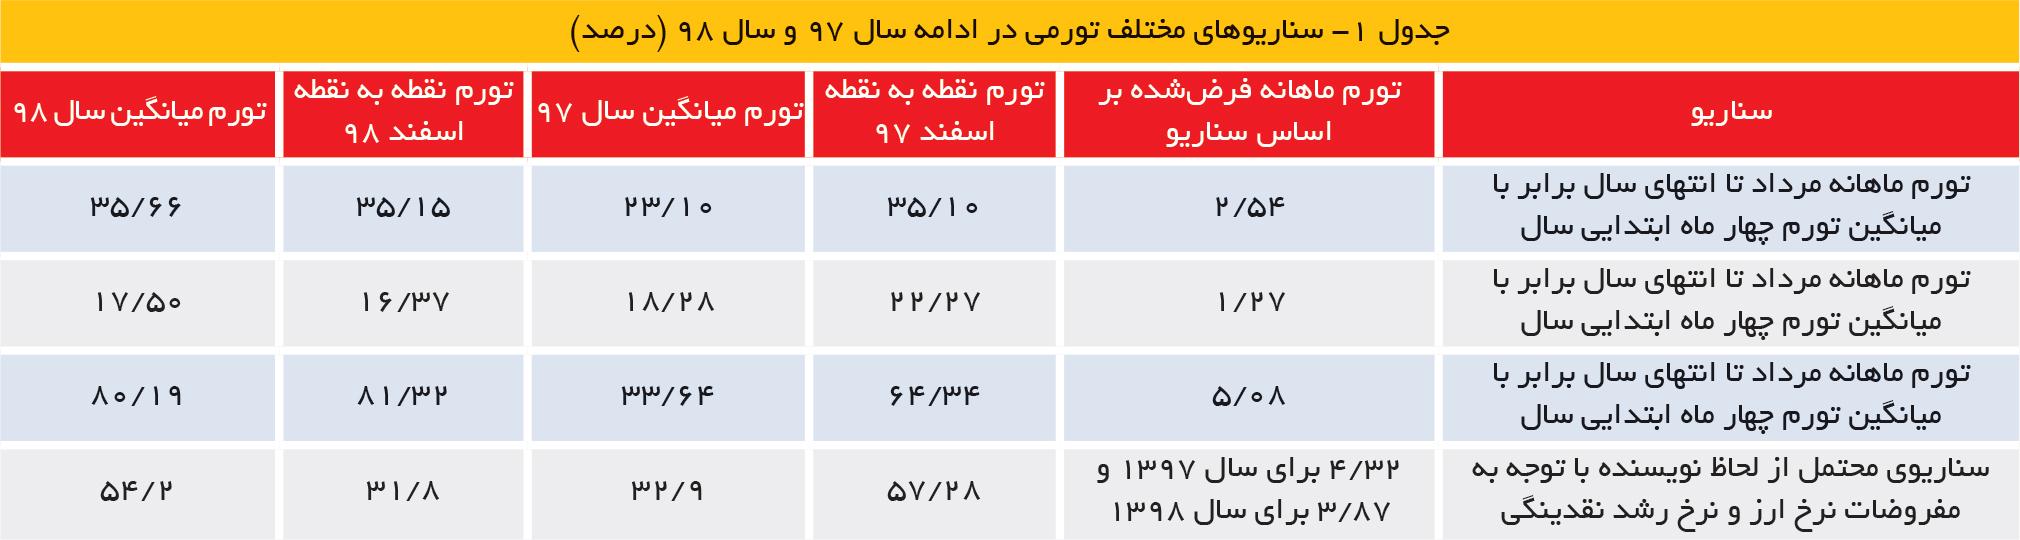 تجارت فردا- جدول 1- سناریوهای مختلف تورمی در ادامه سال 97 و سال 98 (درصد)